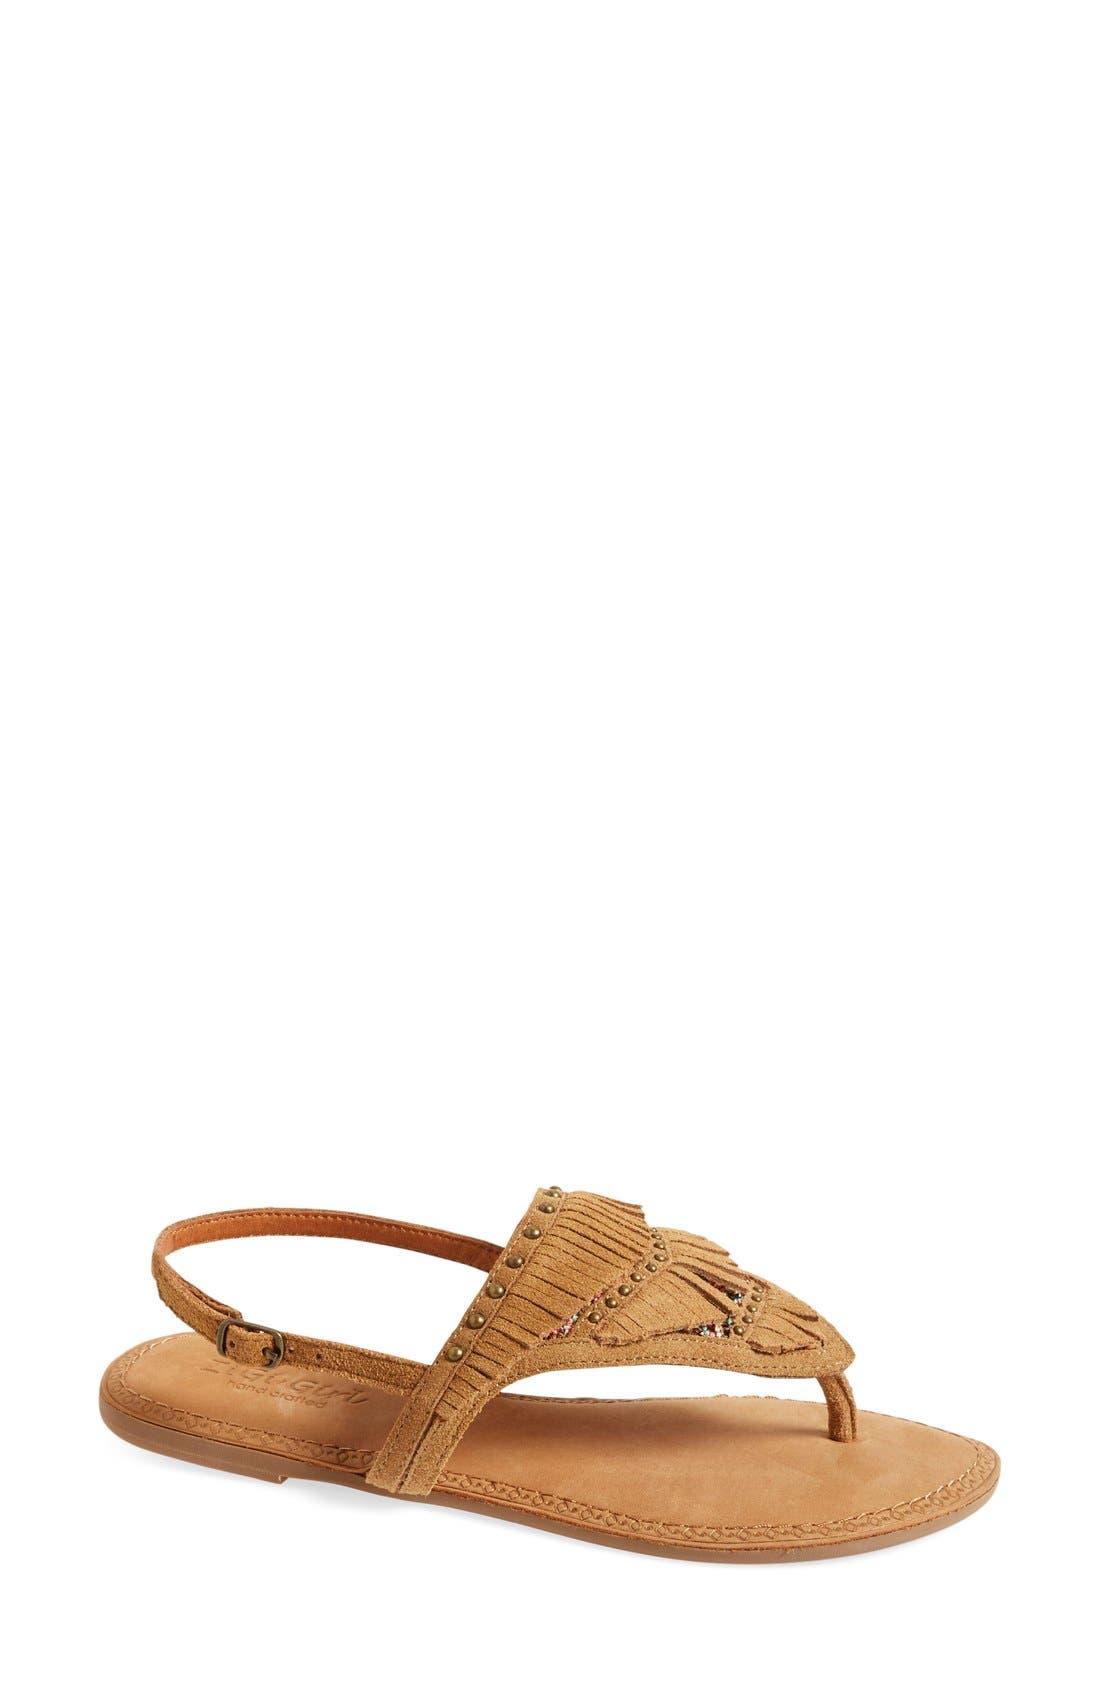 Main Image - ZiGi girl 'Farza' Embellished Fringe Flat Sandal (Women)